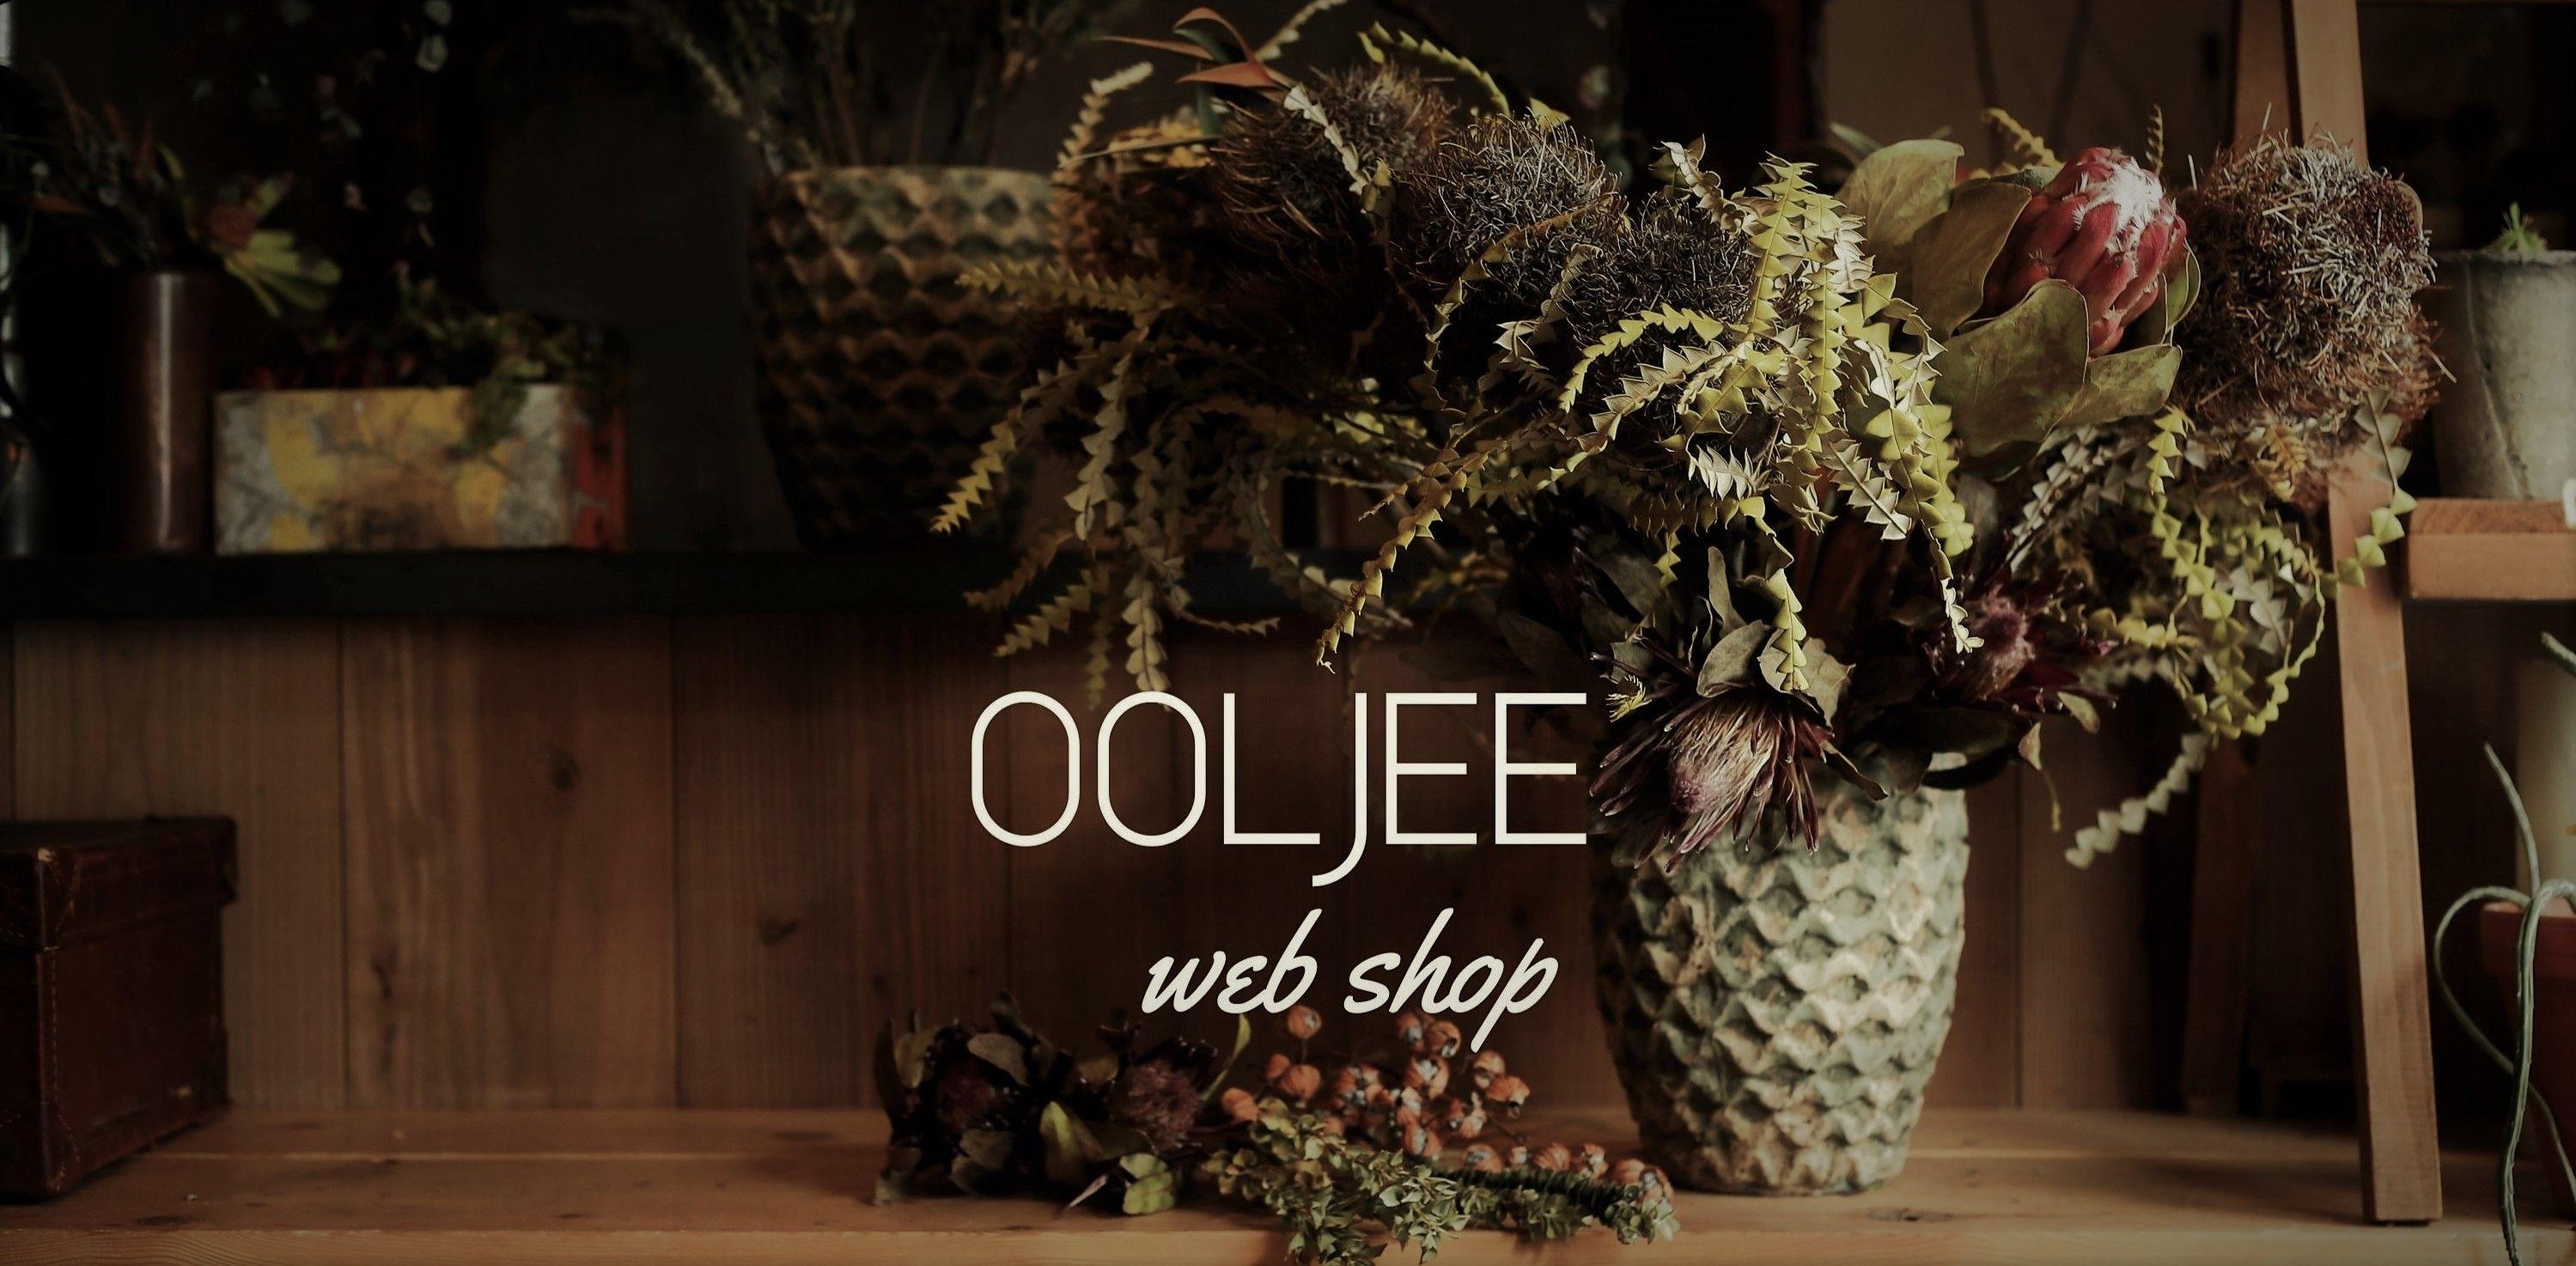 OOLJEE web shop